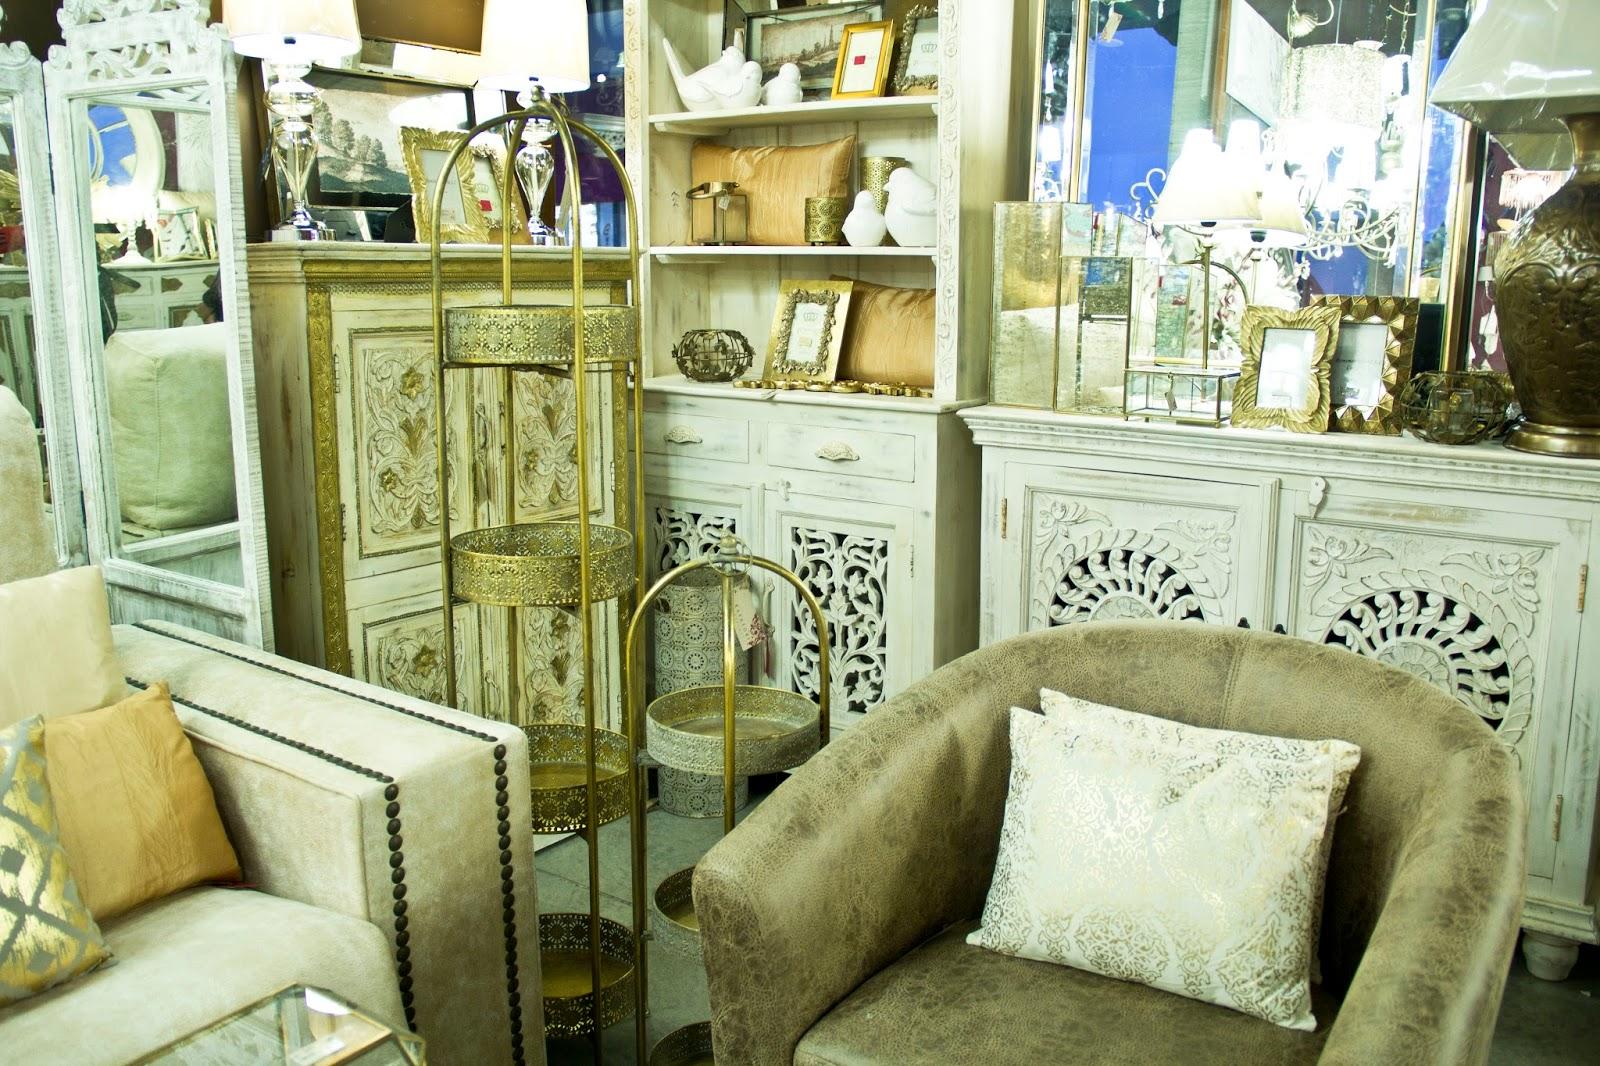 Katatori interiores tonos claros y toques dorados for Muebles poligono el manchon